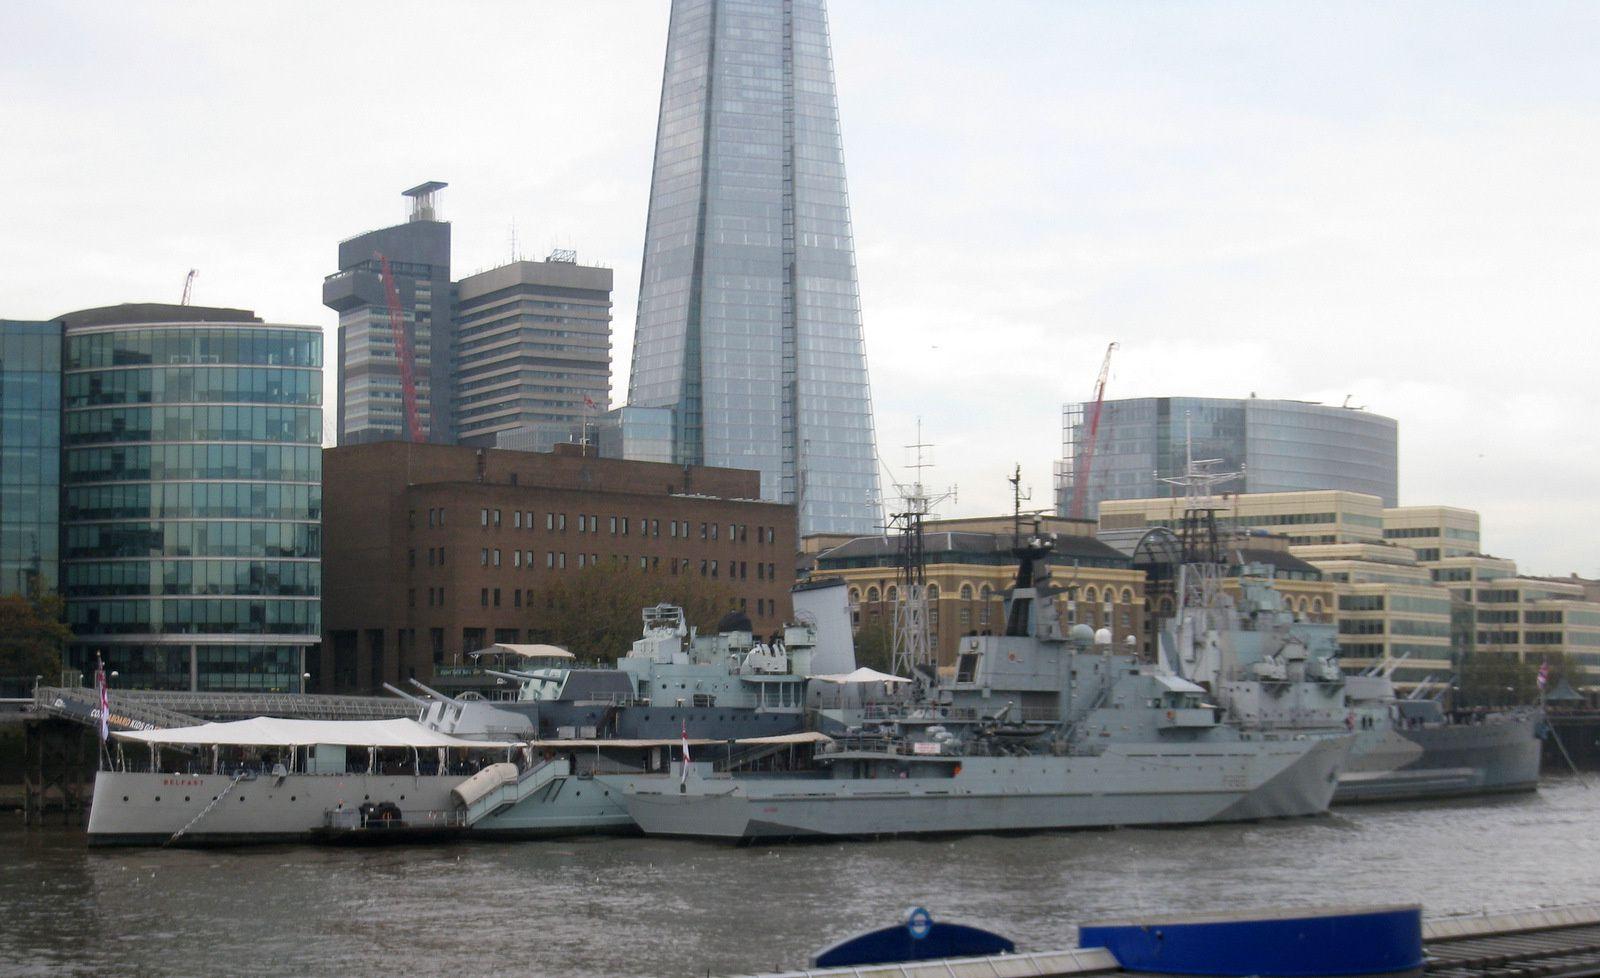 Le HMS Belfast est à quai au secons plan.